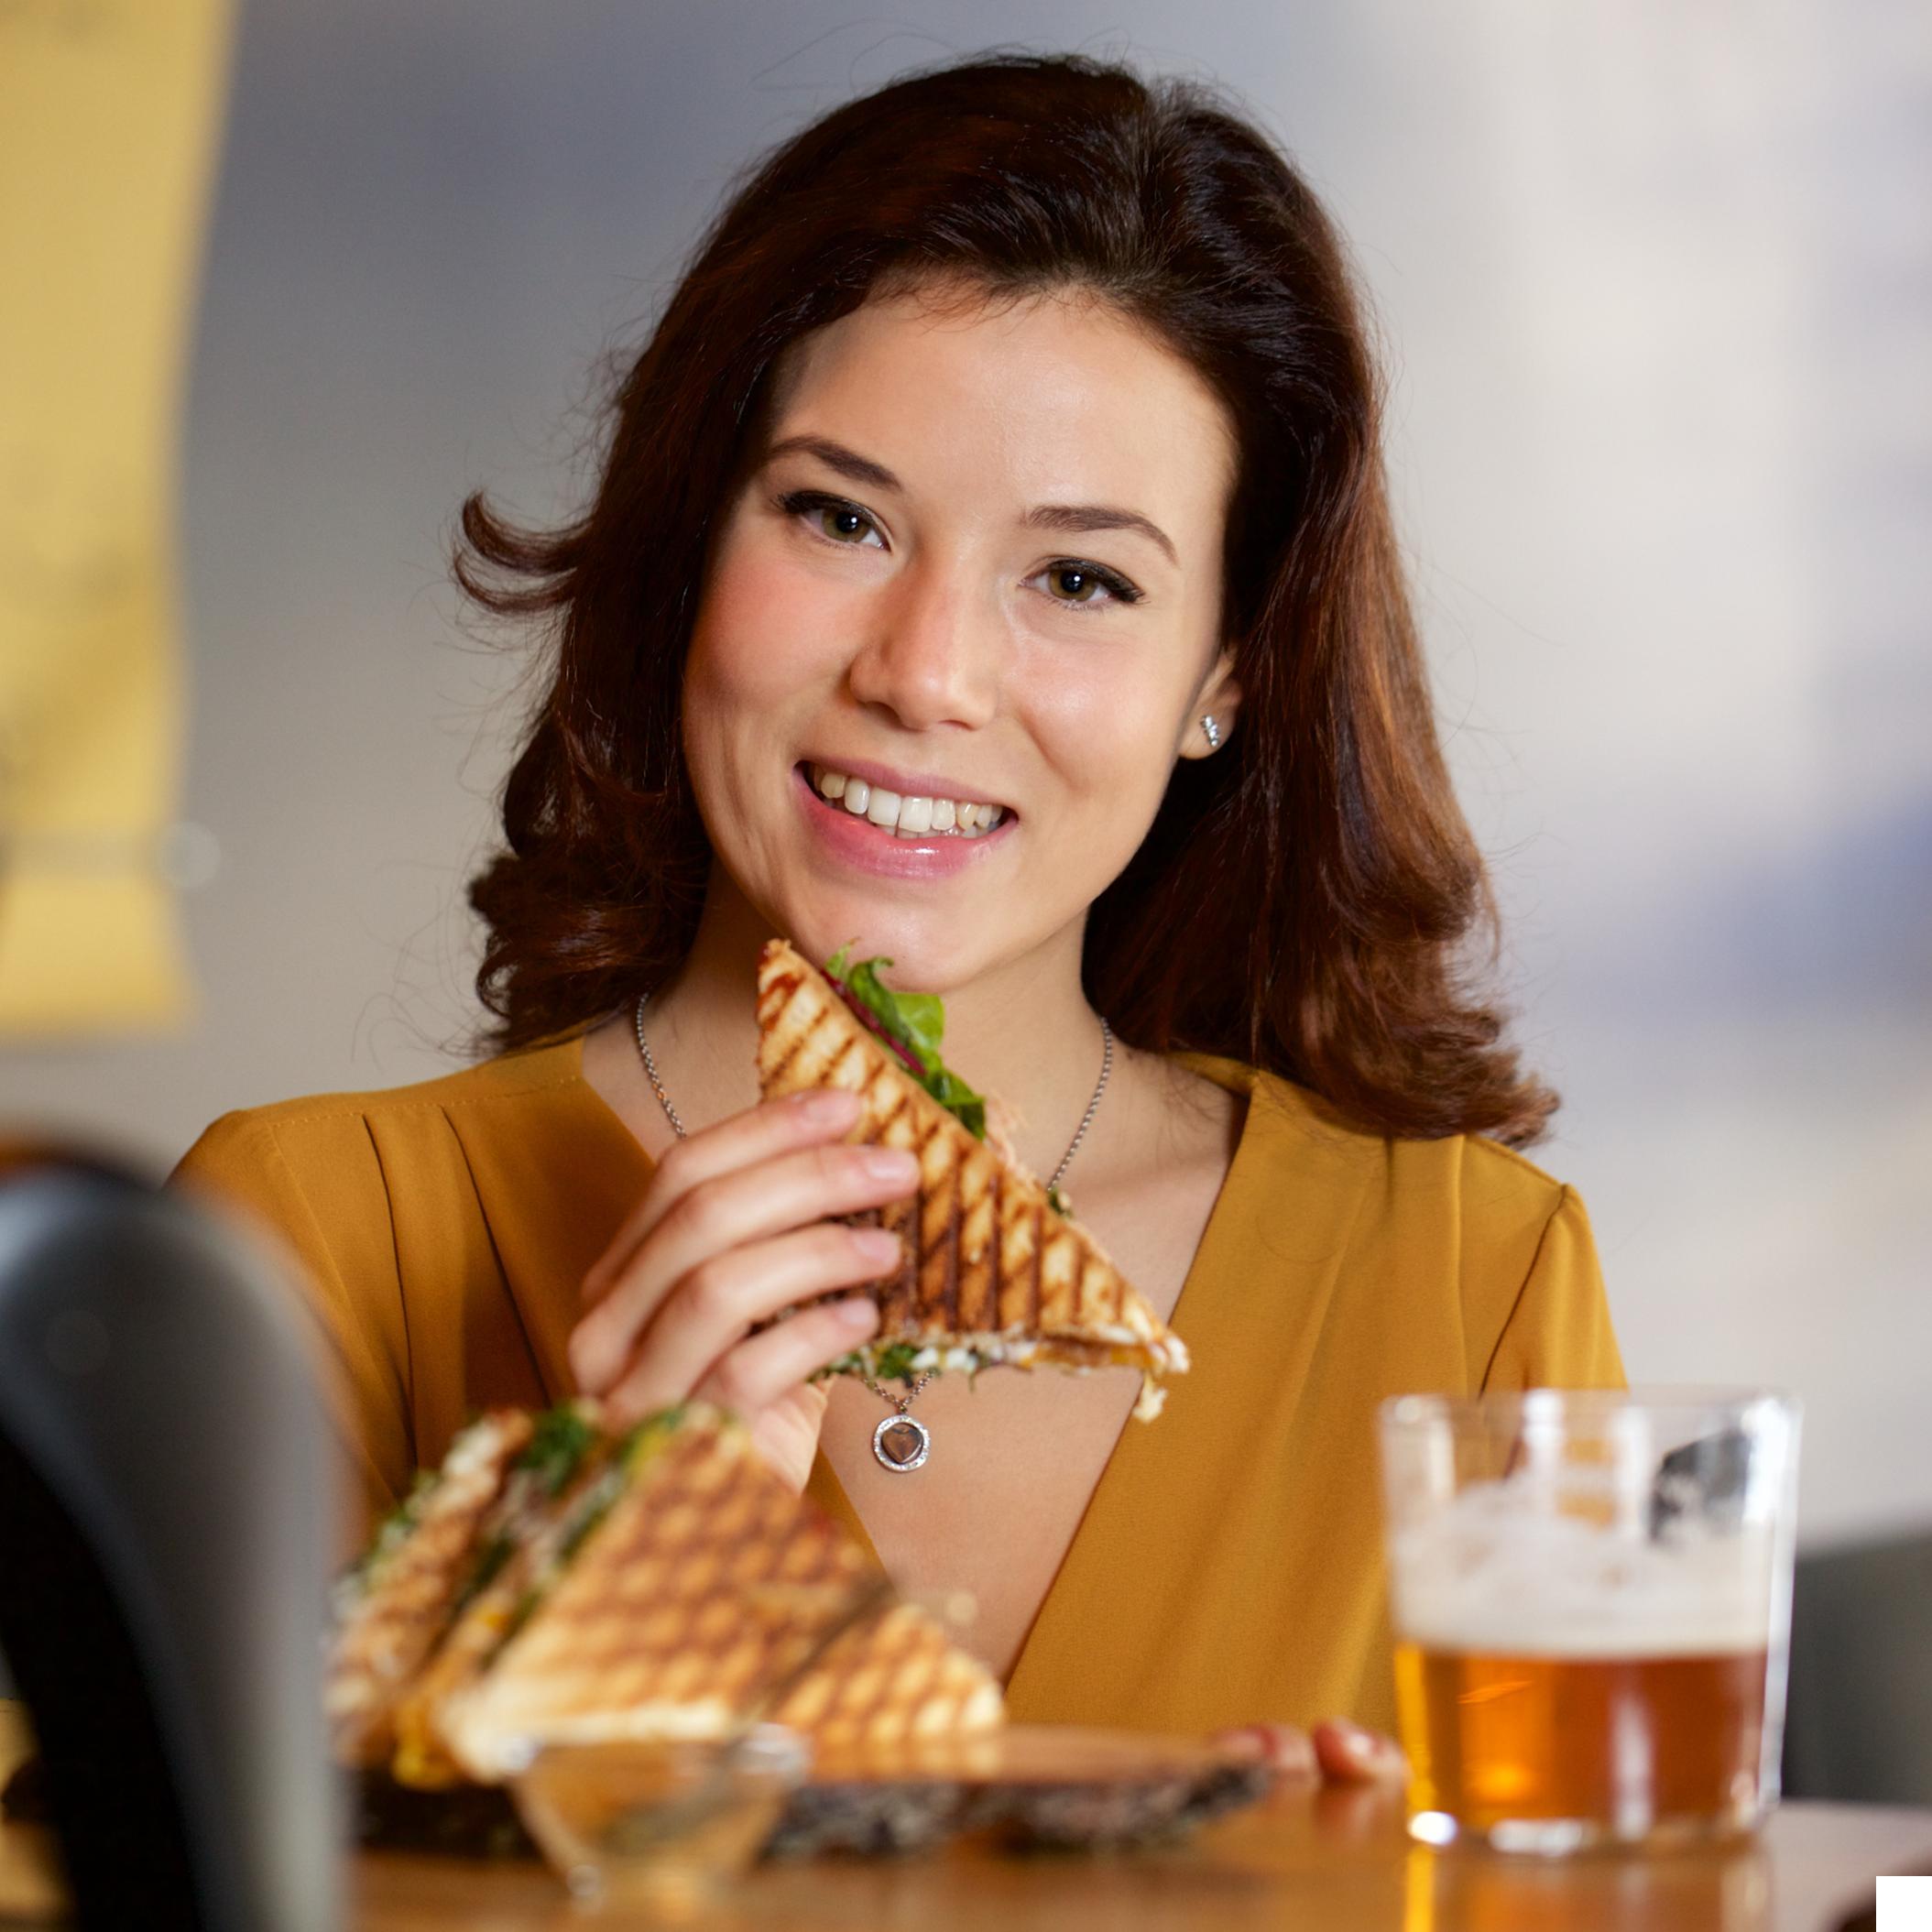 Gemütlich-essen